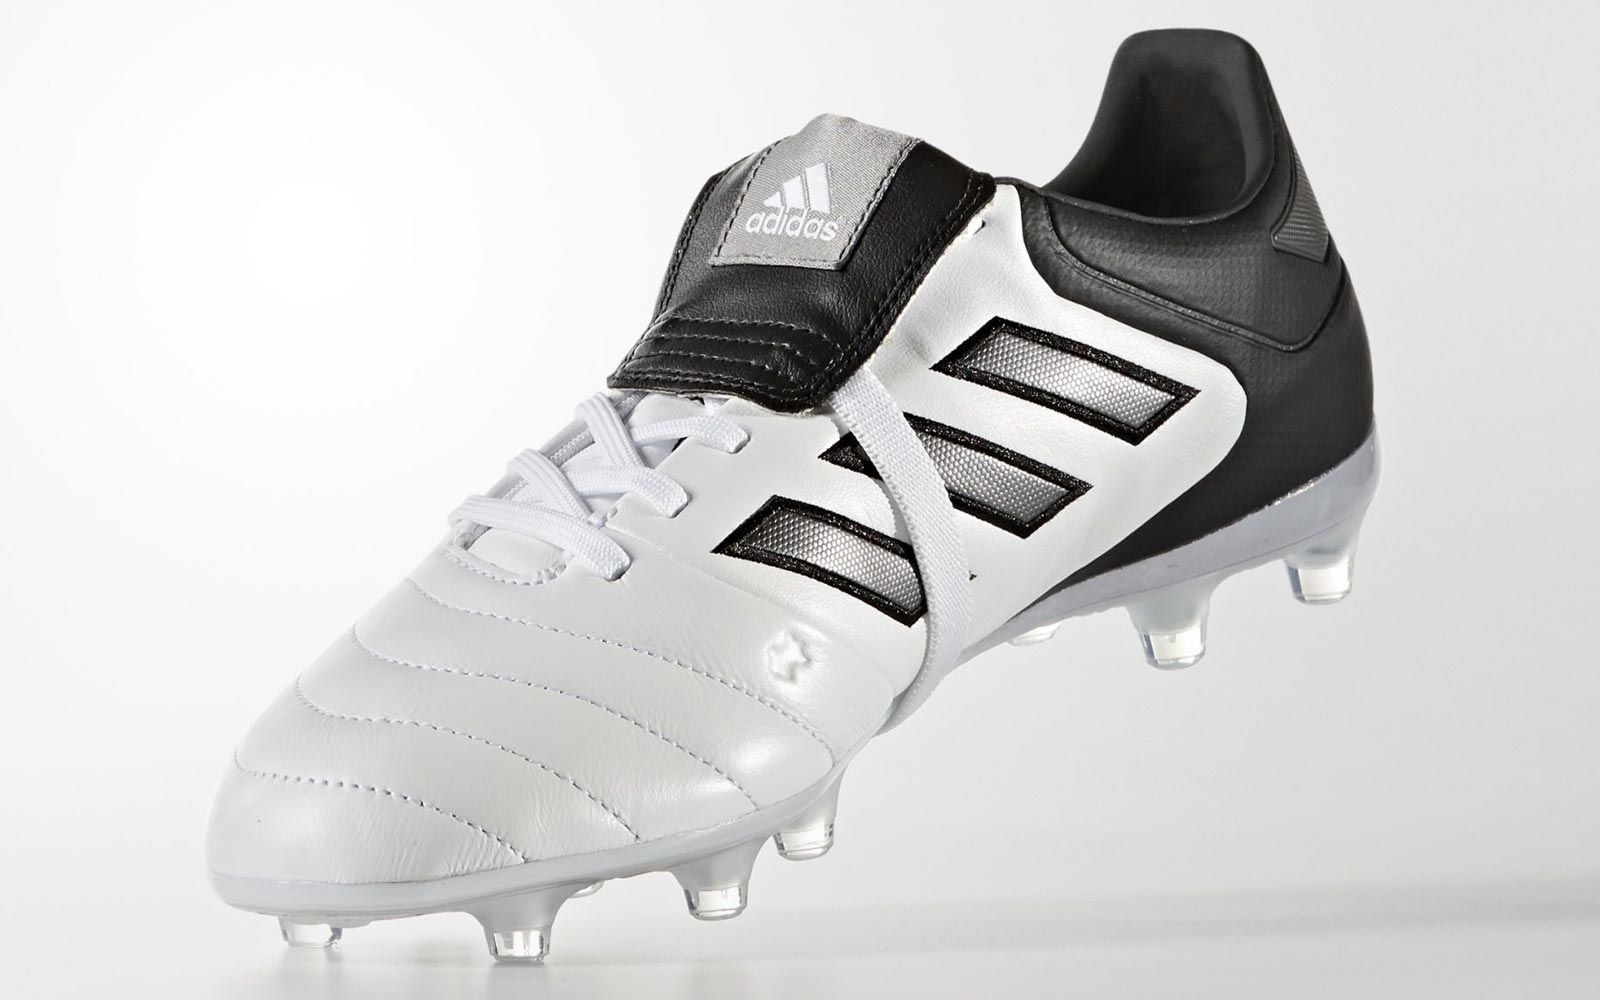 adidas Copa Gloro 17.2 Soccer Kits f38d919b1